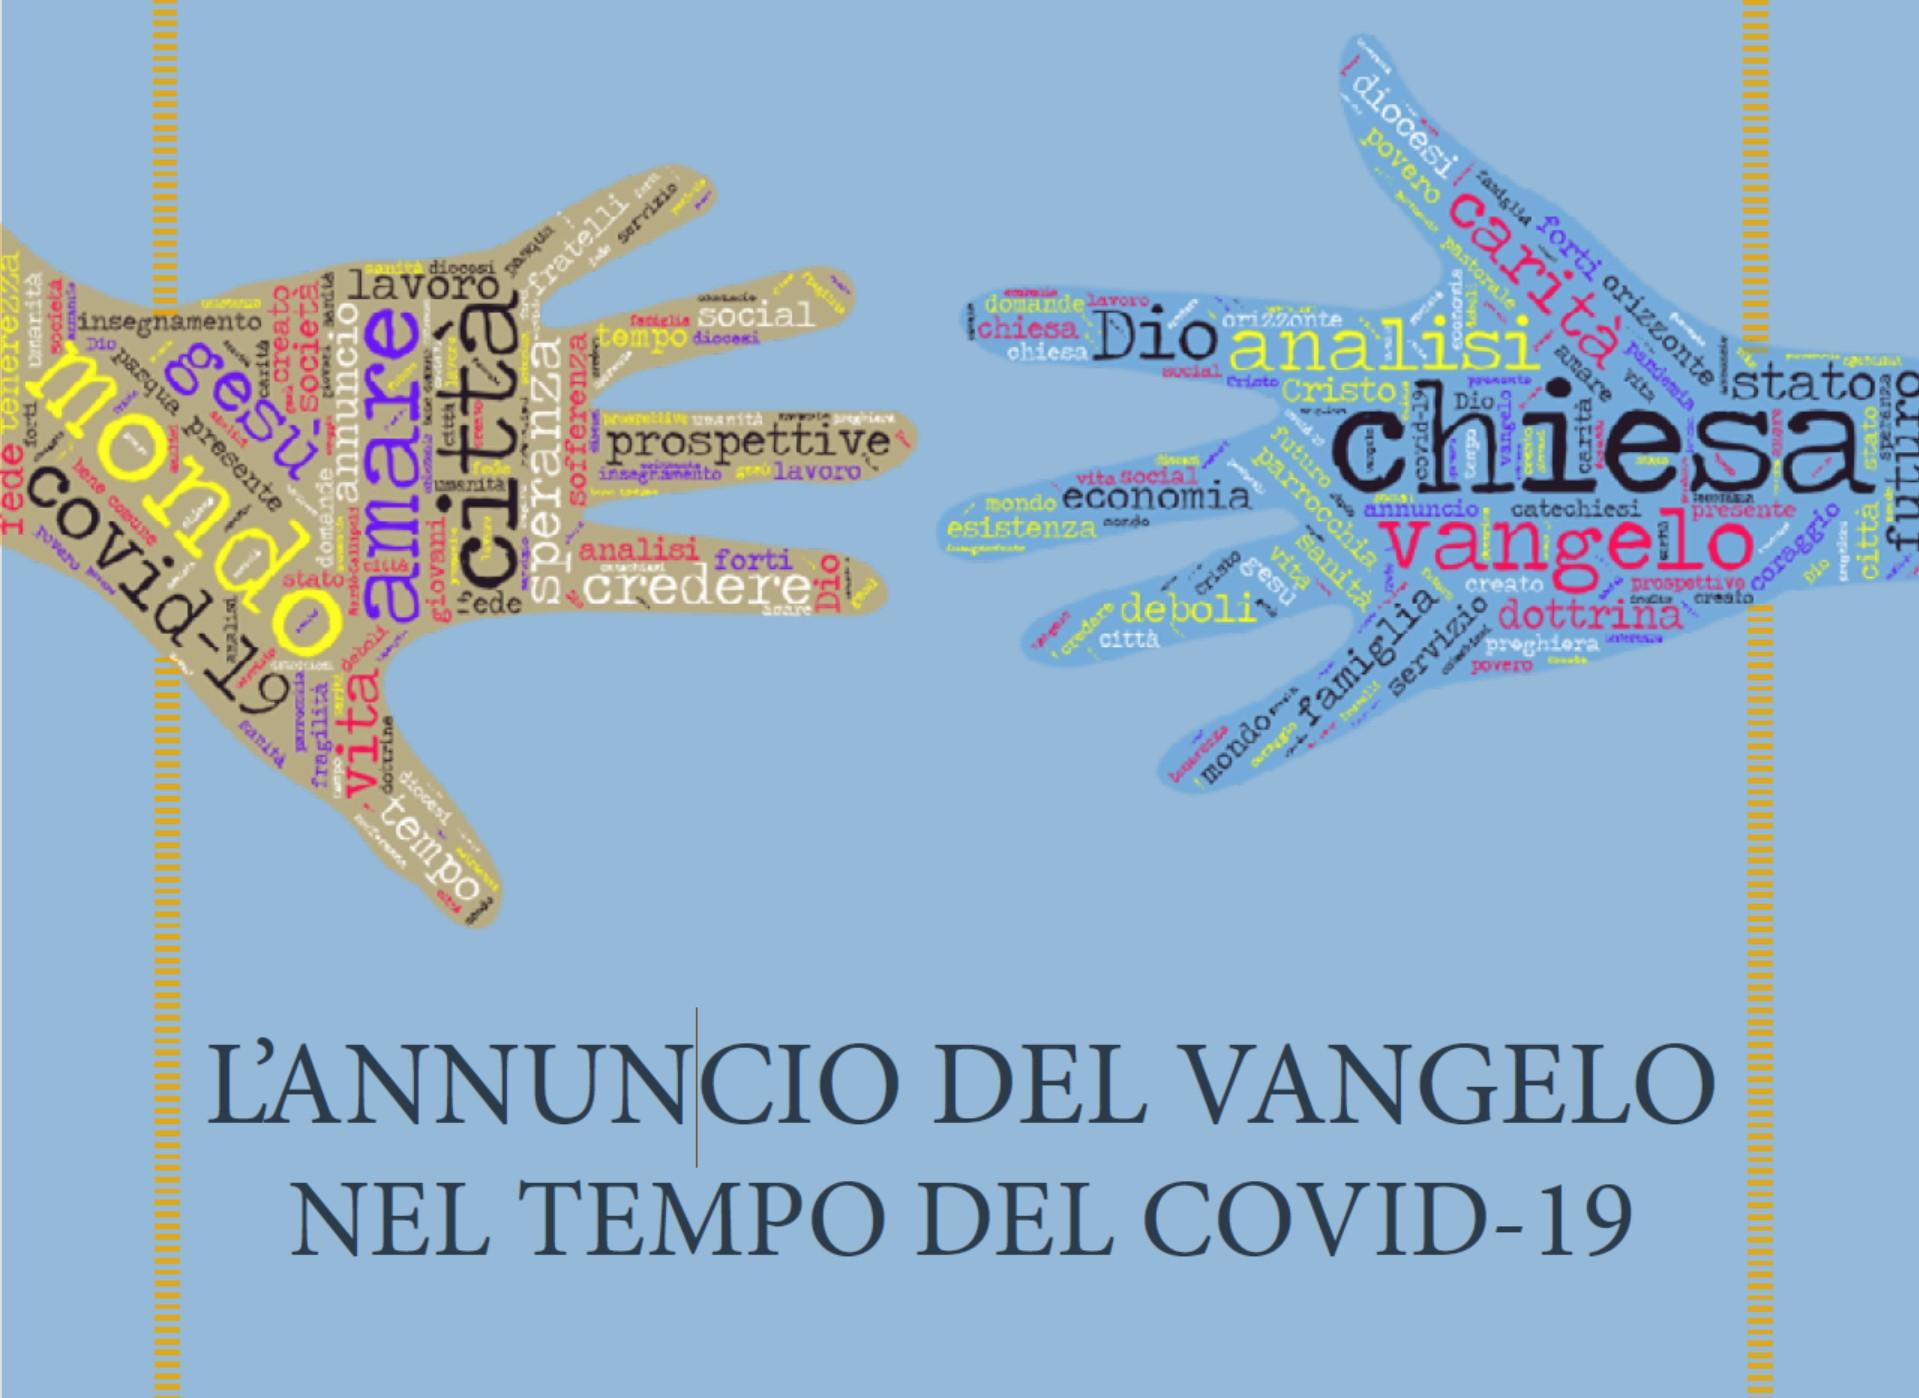 L'annuncio del Vangelo nel tempo del Covid-19